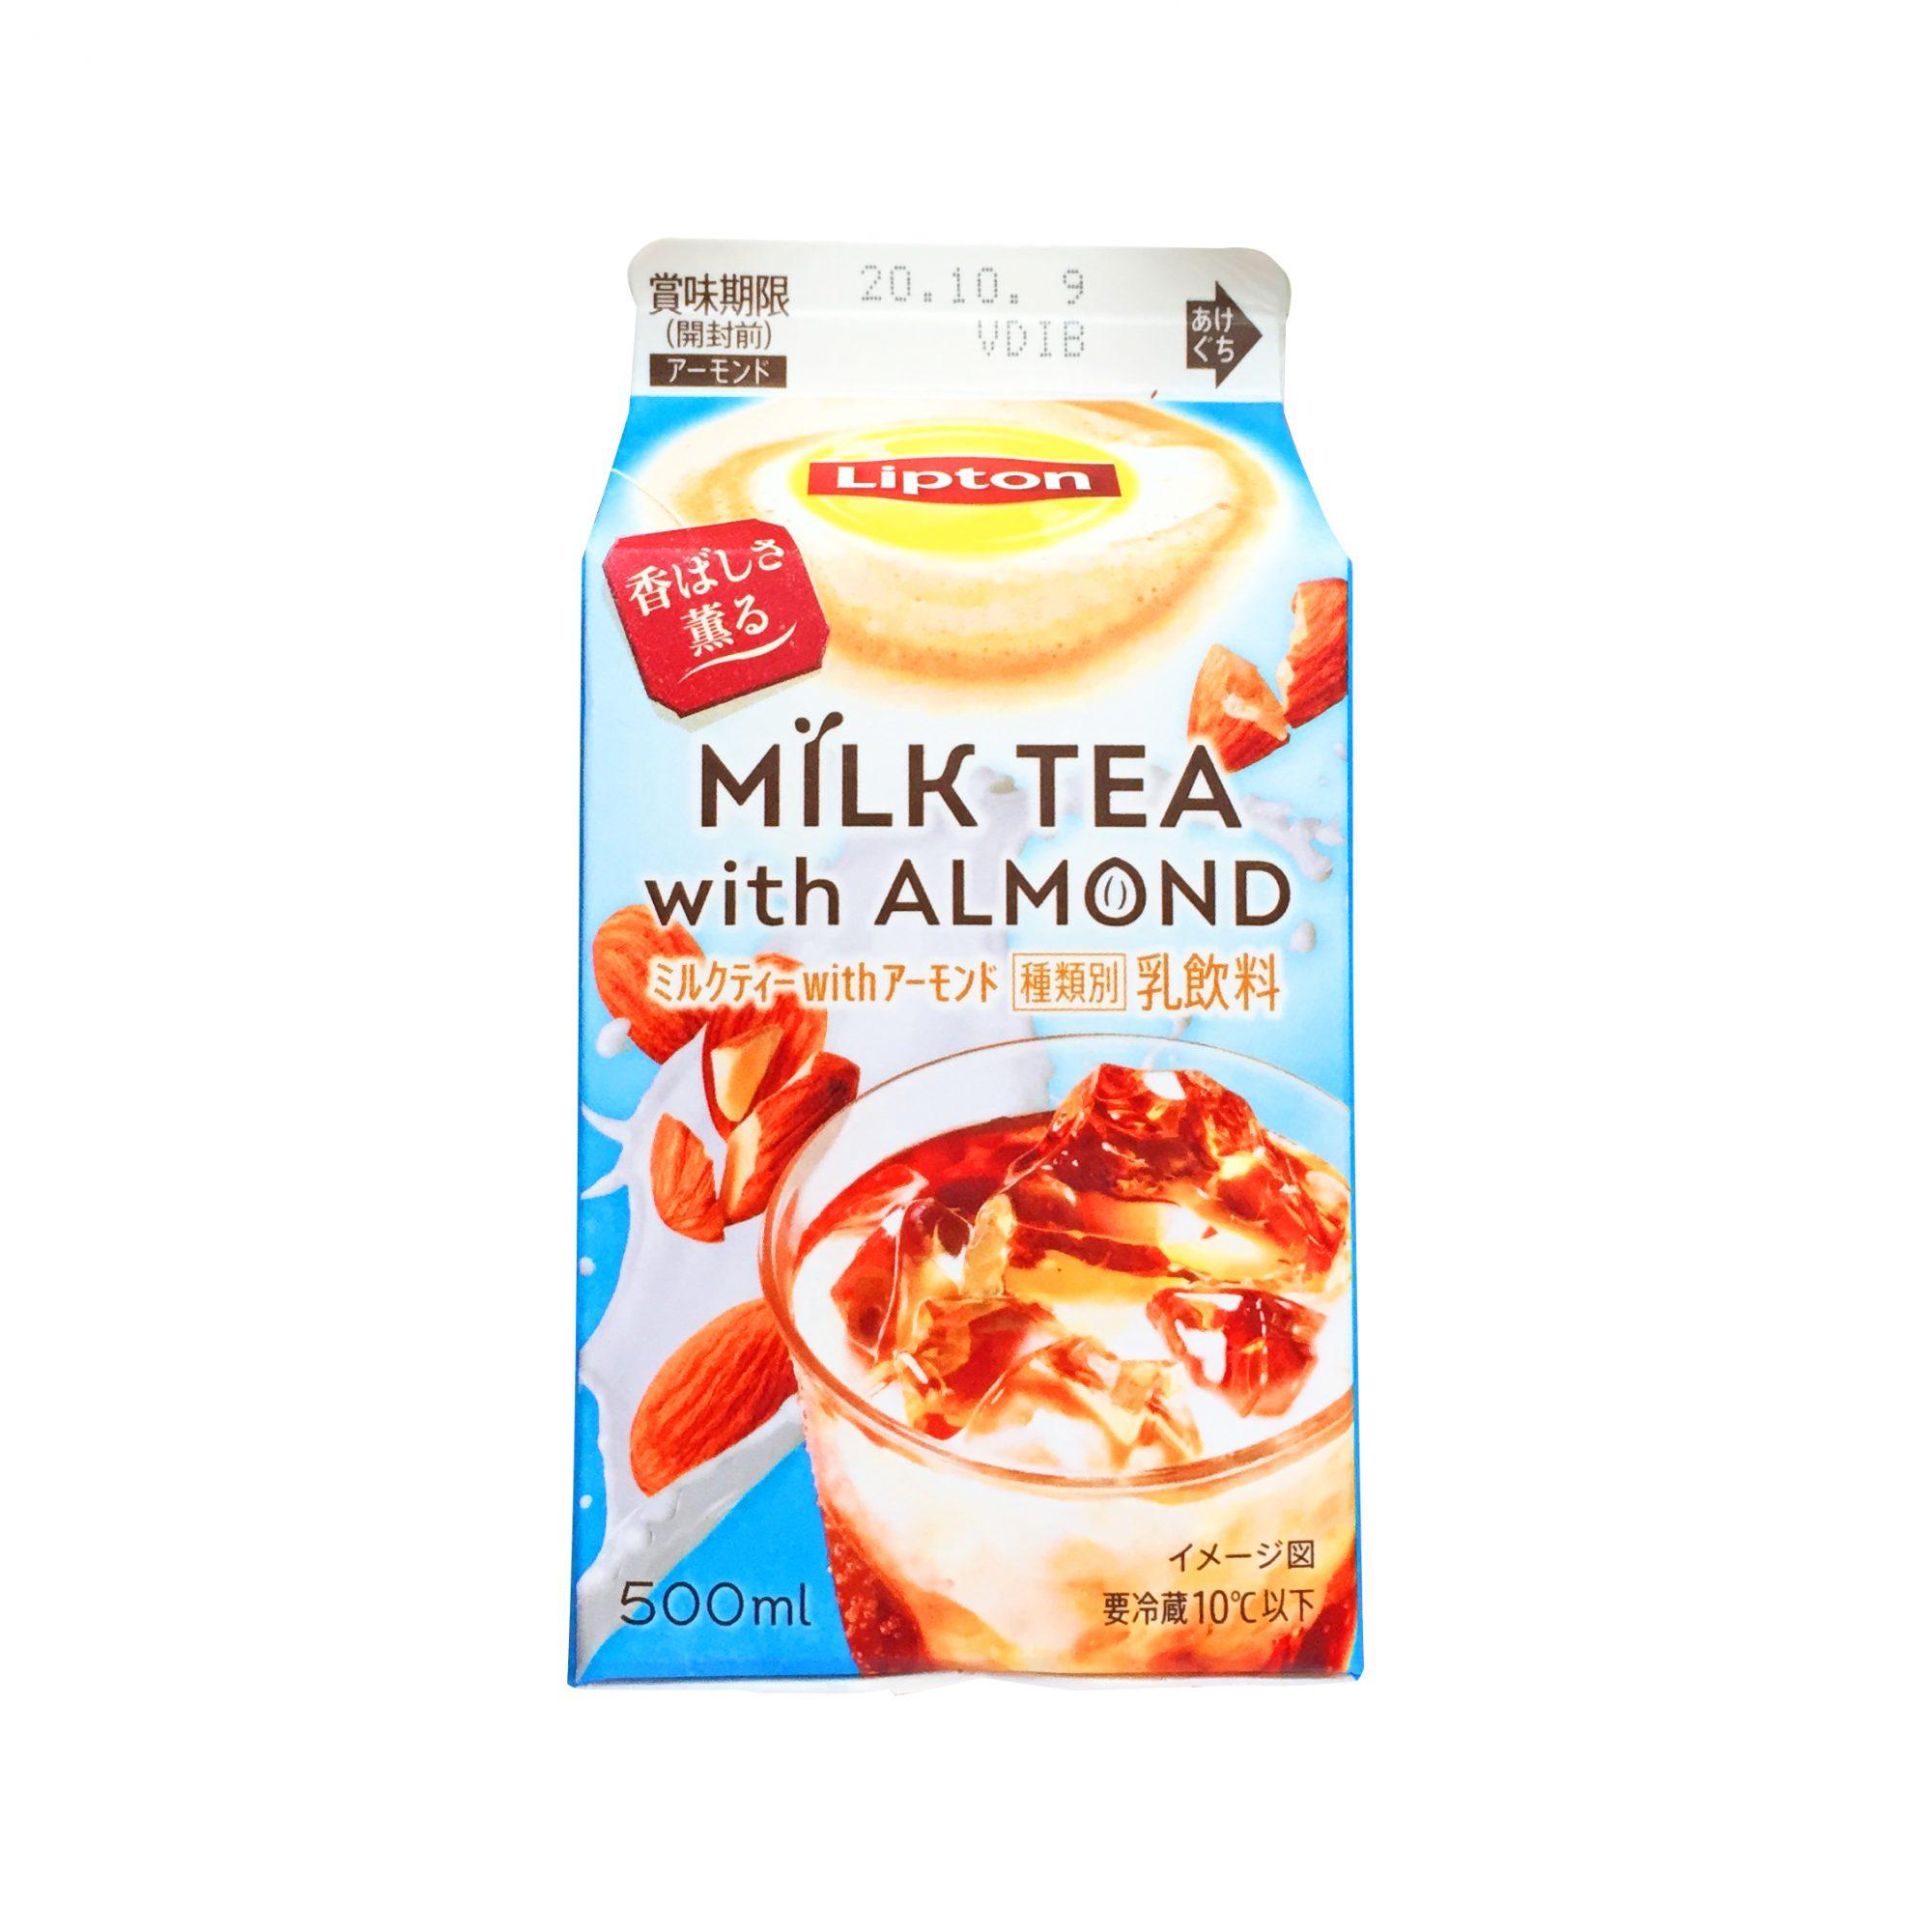 森永乳業『リプトン ミルクティーwithアーモンド』はアーモンドミルクの軽やかさでゴクゴク飲みたいミルクティー!アーモンドミルクの健康効果にも要注目◎